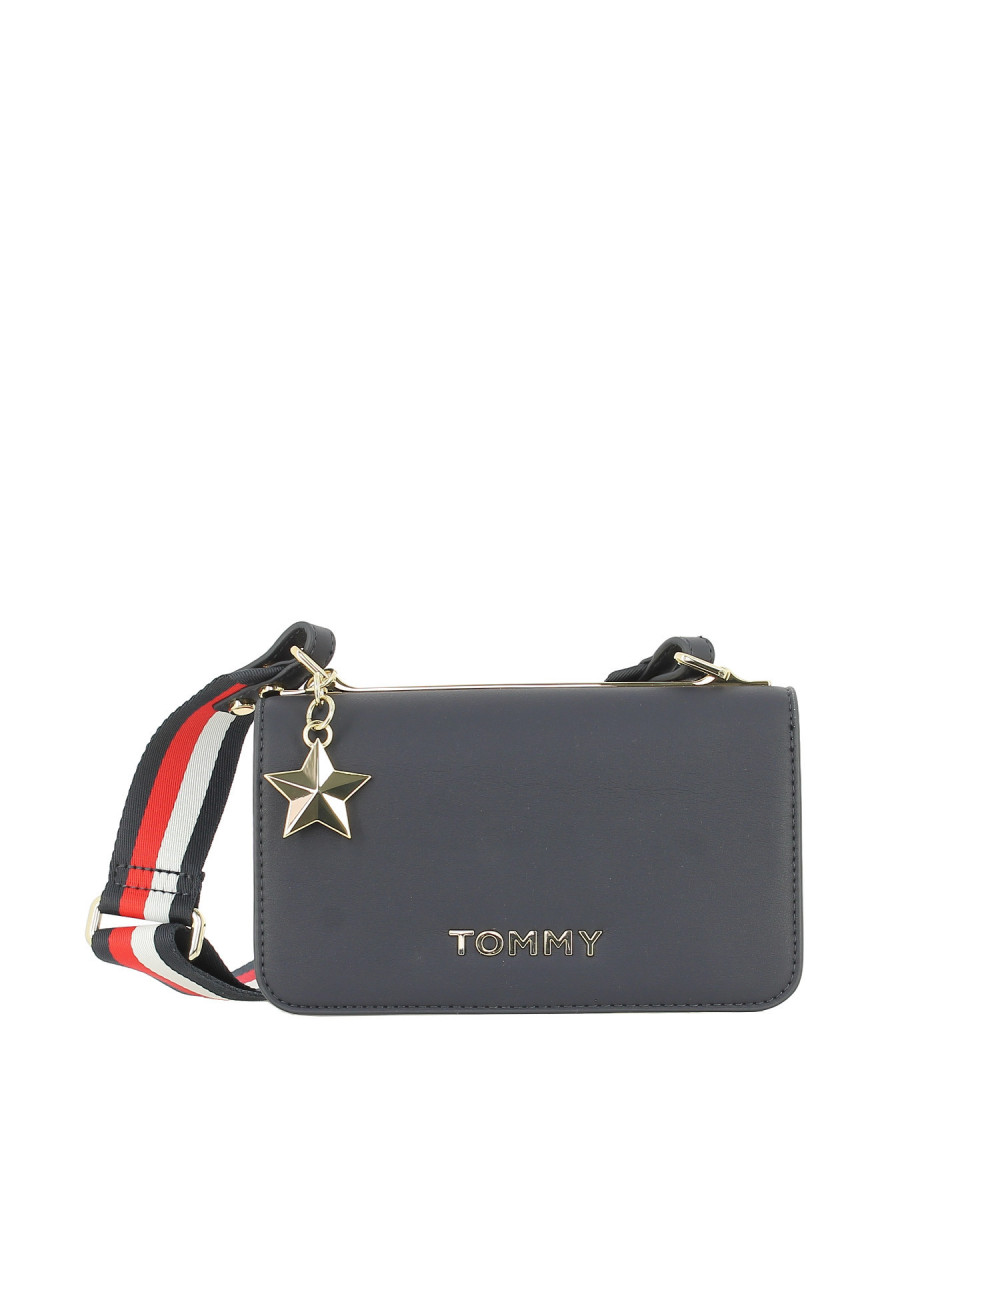 più alla moda New York sconto in vendita Borsa a tracolla Tommy Hilfiger